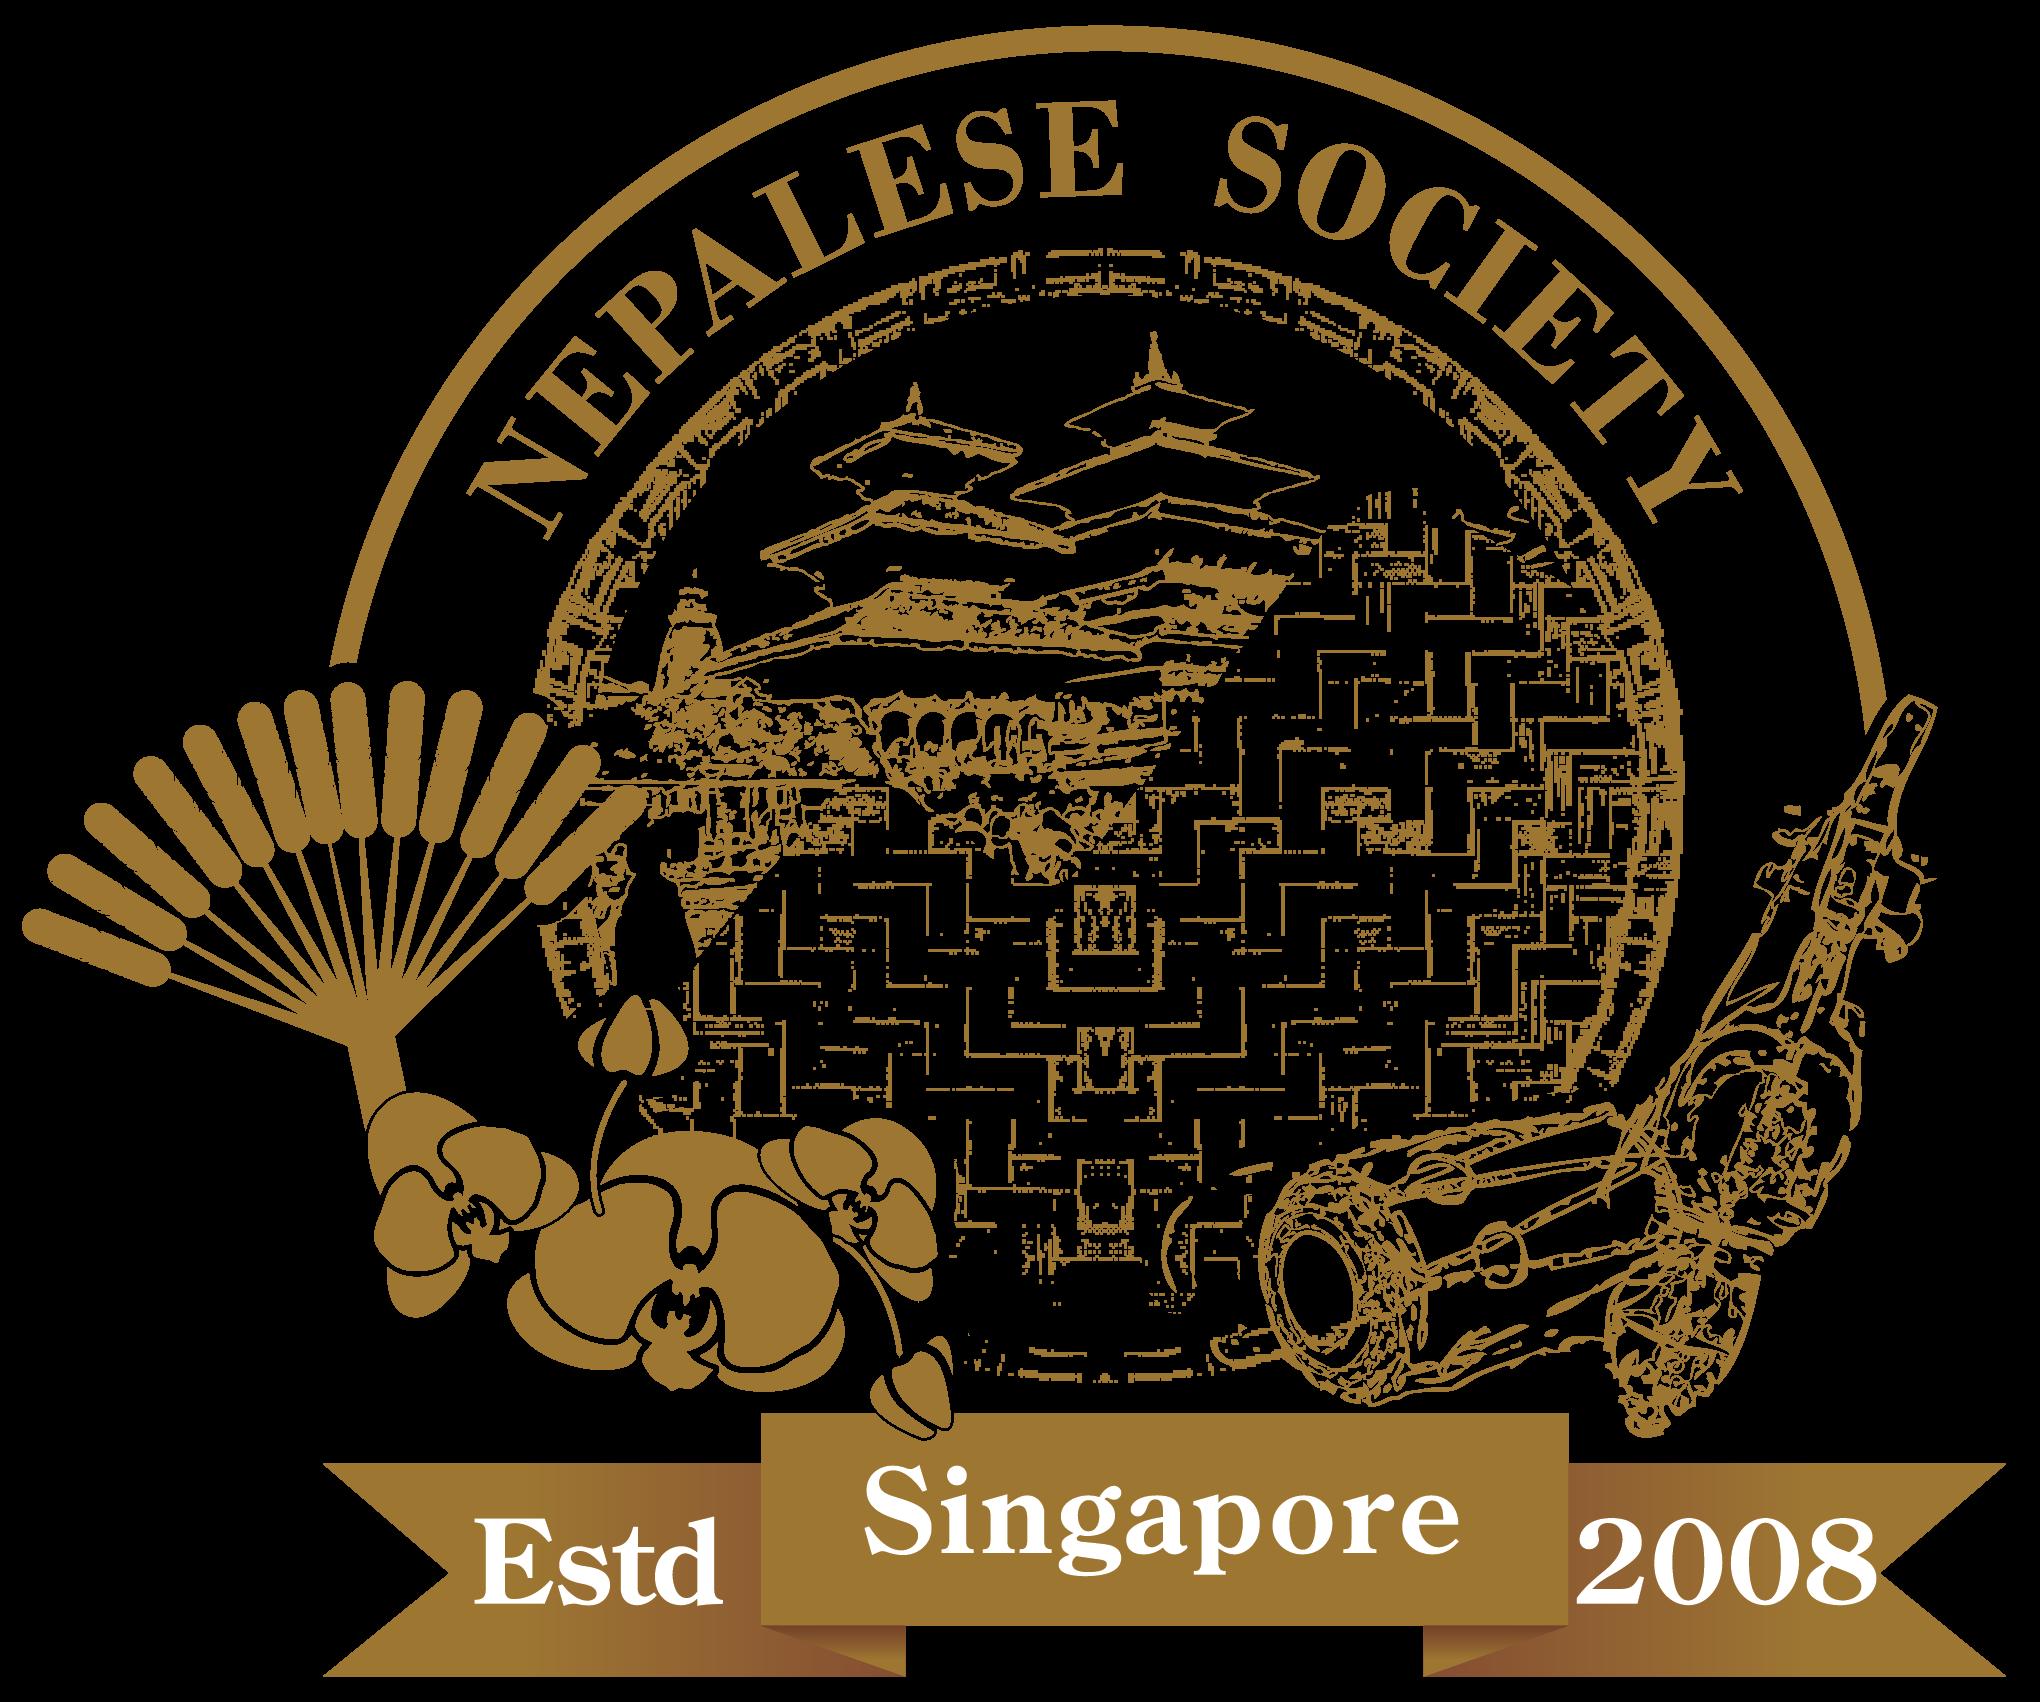 NepaleseSociety